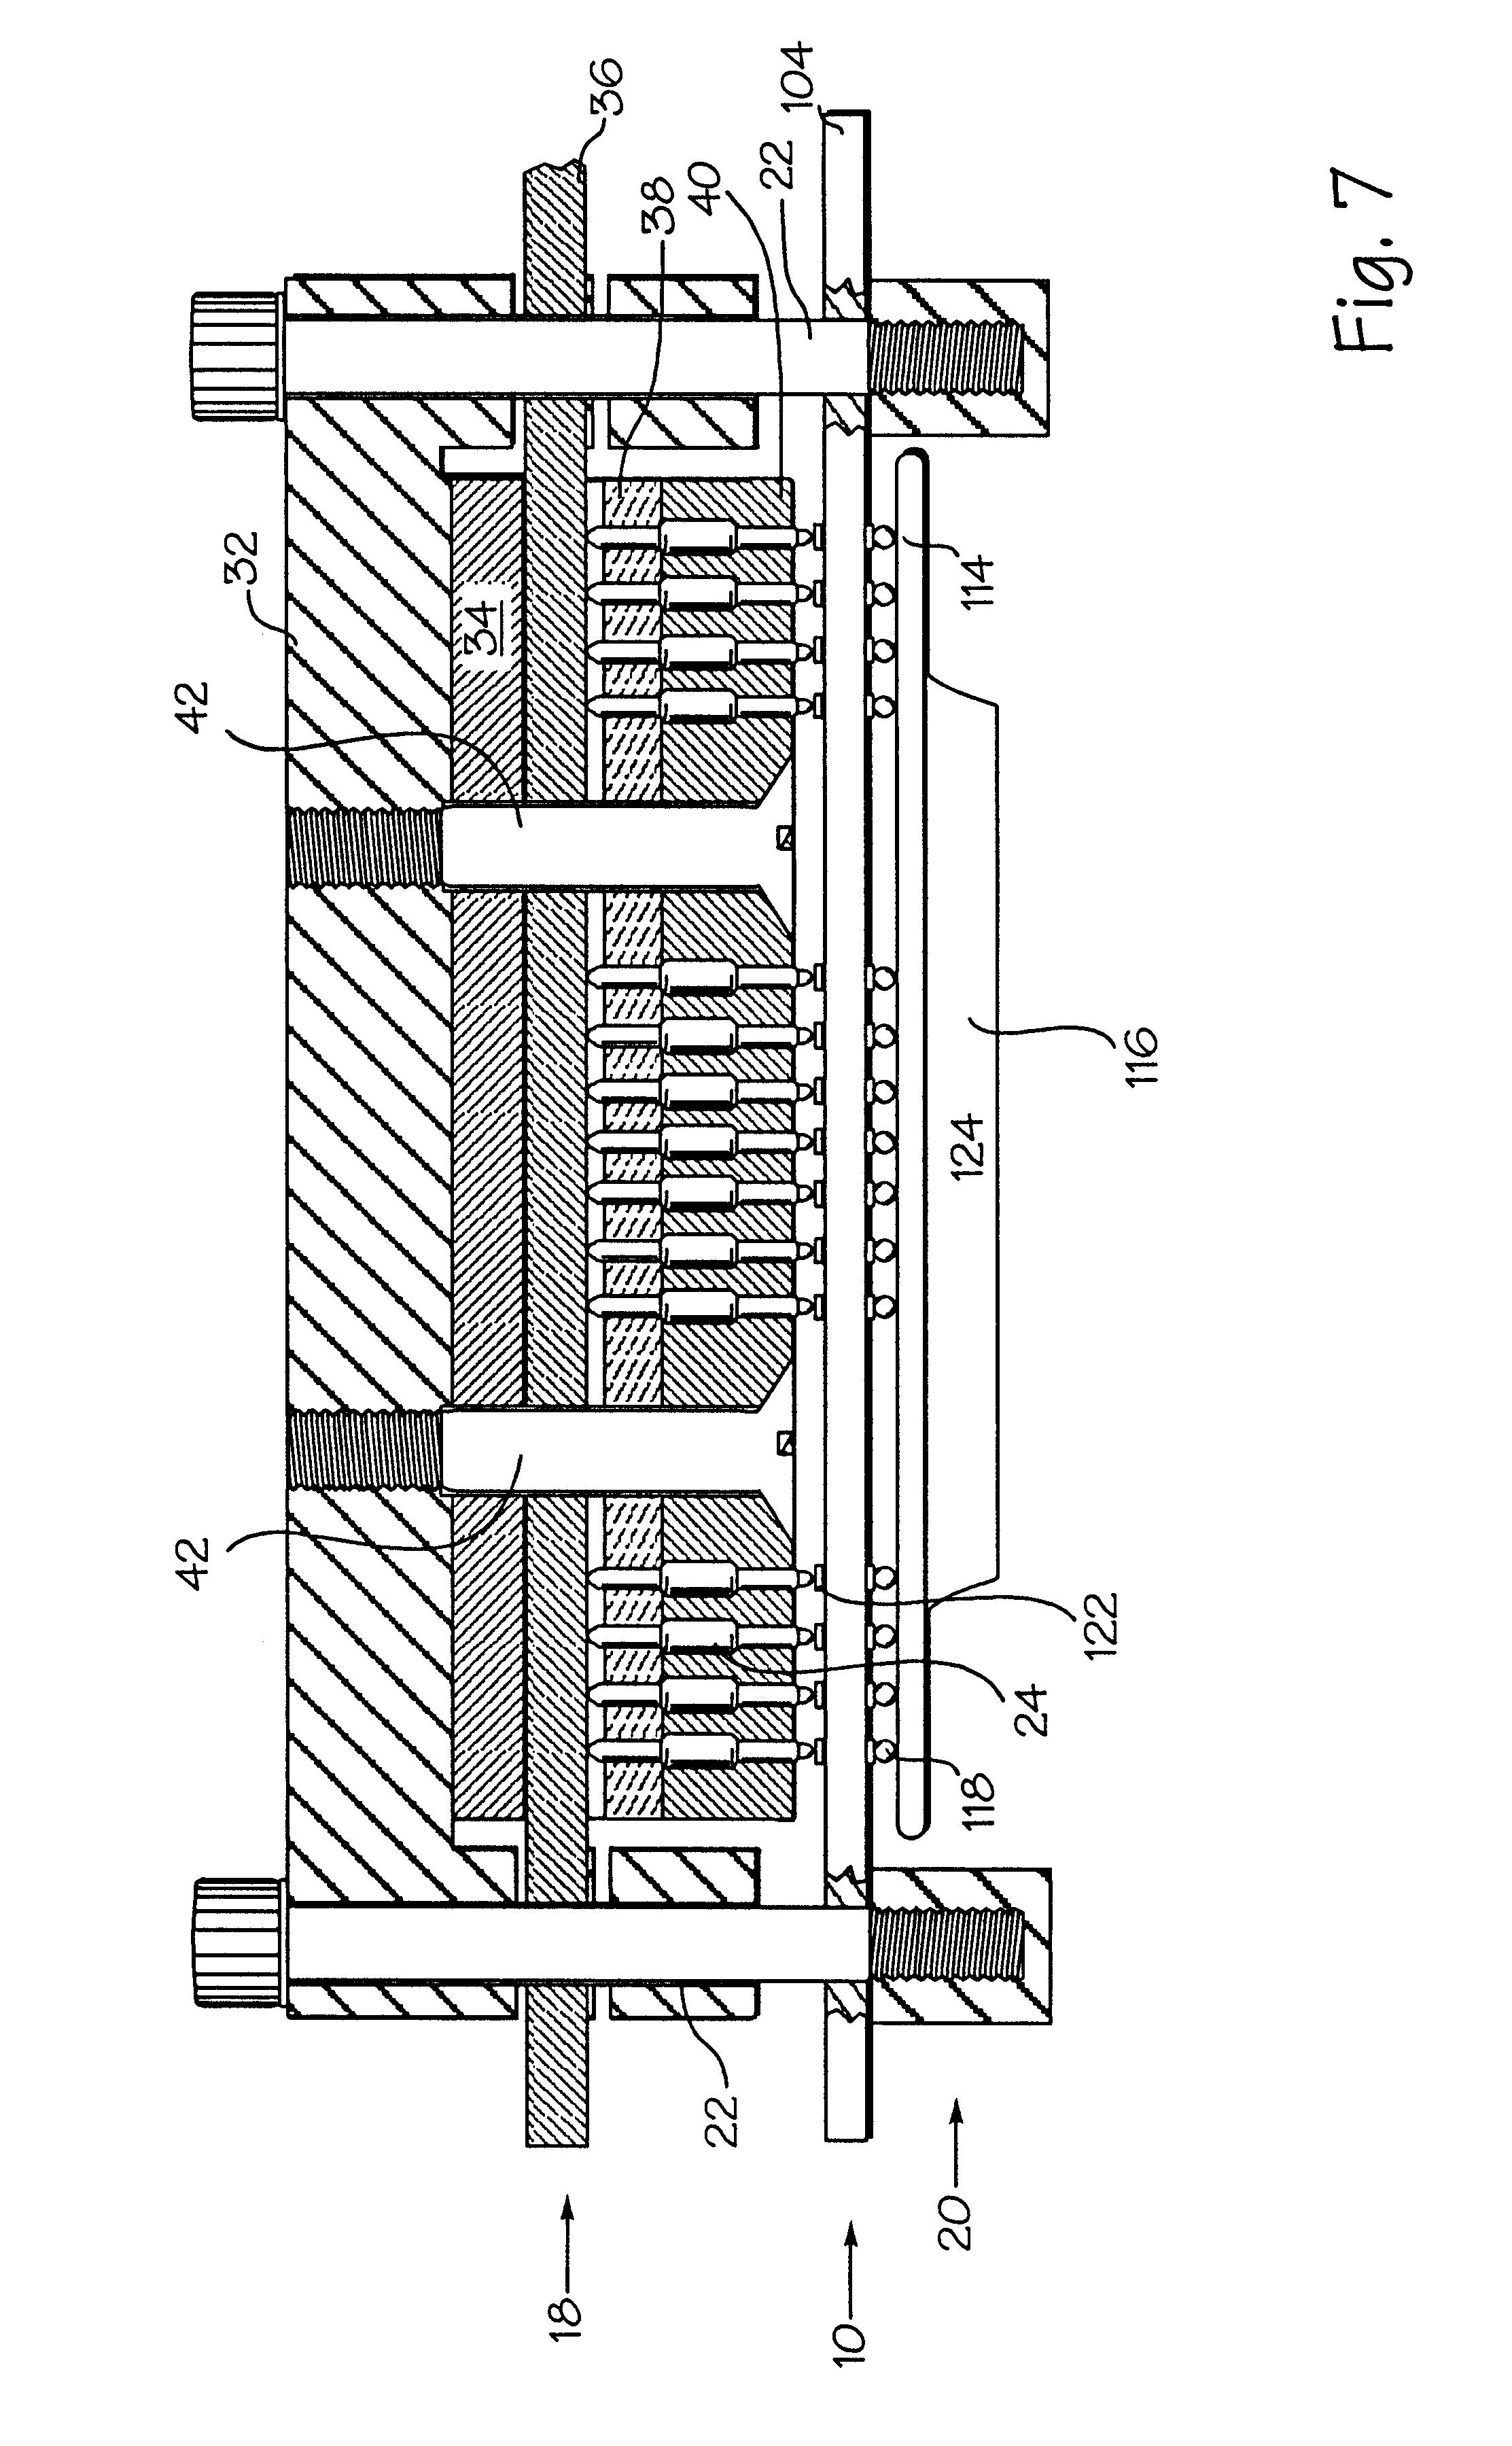 patent us6359452